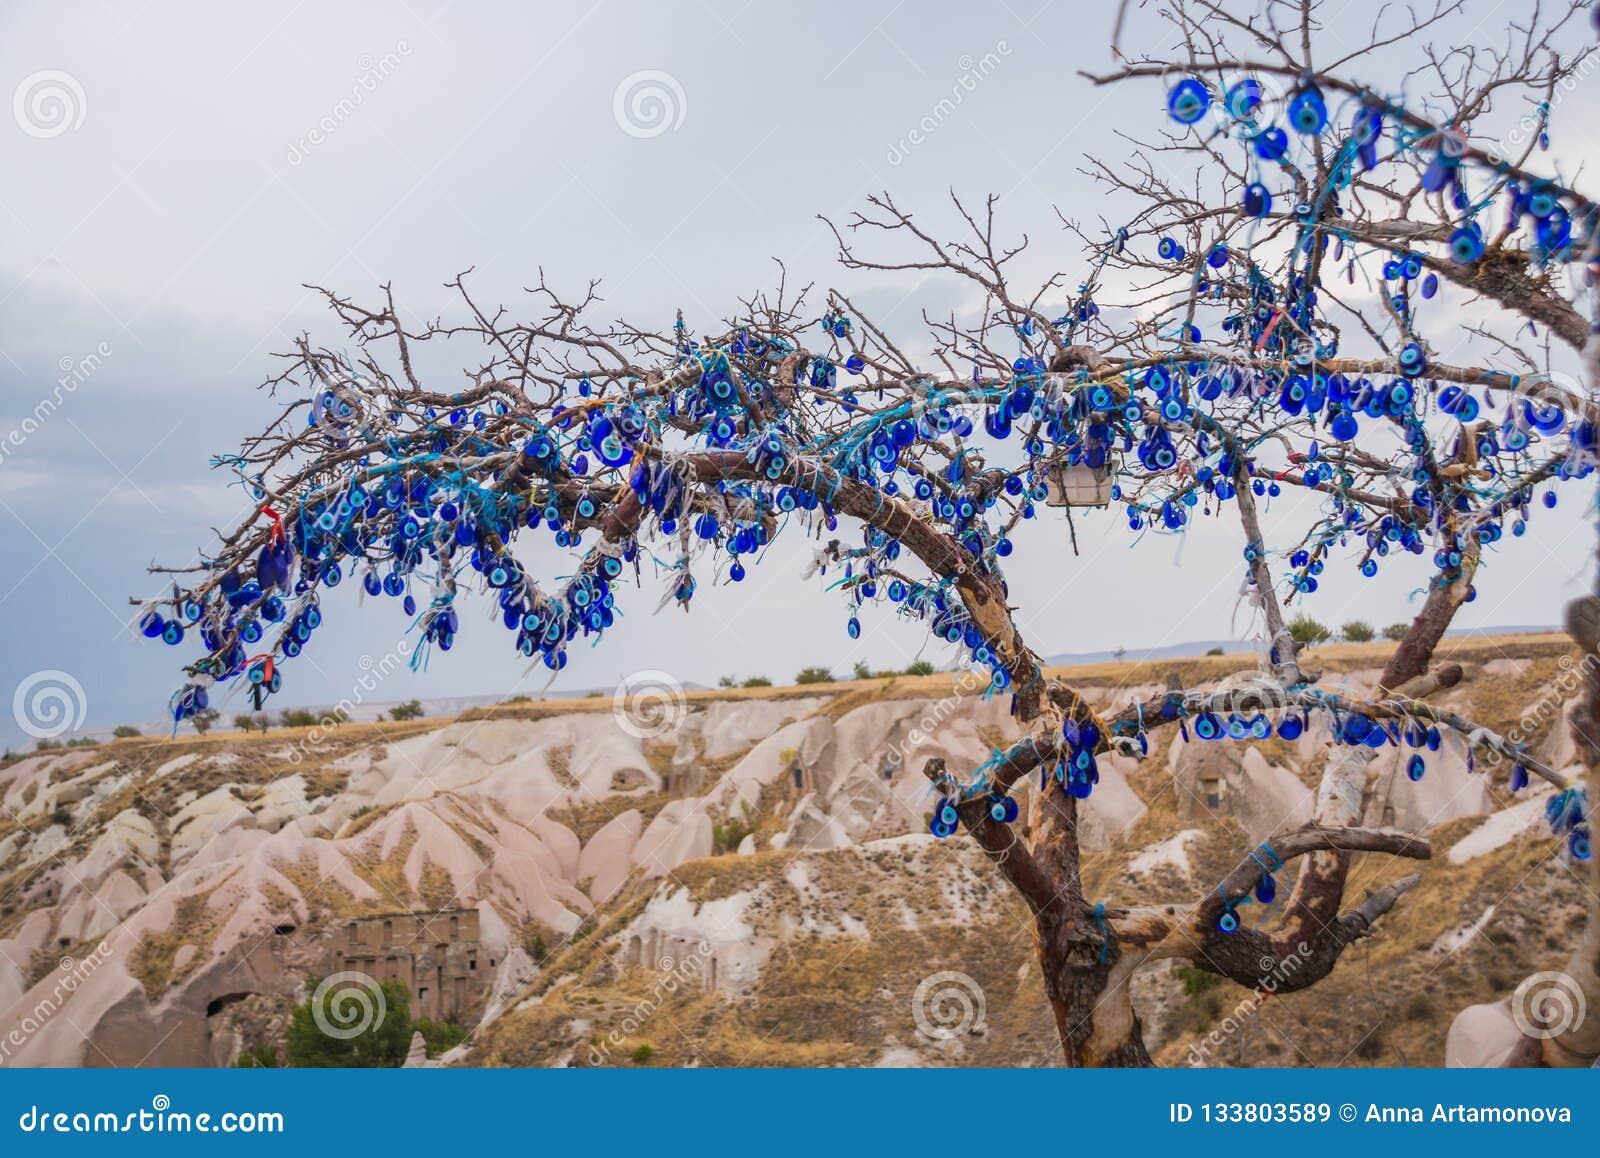 Cappadocia Turkiet Trädet som hänger Nazar amuletter, en sakkunnig, öga-formade objekt som skyddar mot det onda ögat